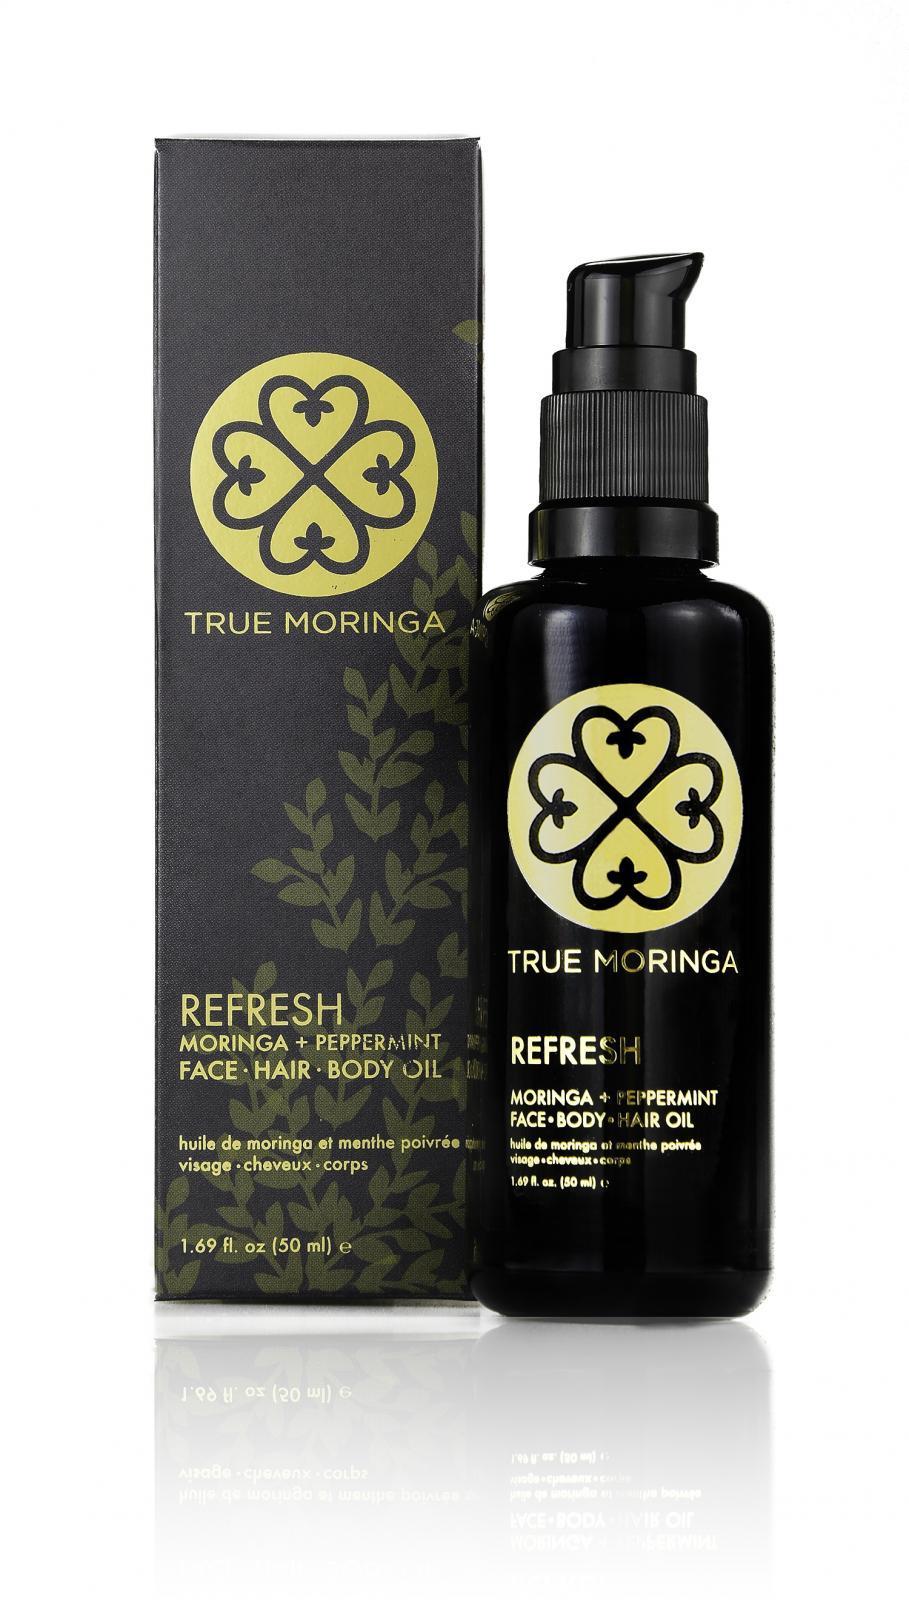 True Moringa Face · Hair · Body Oil